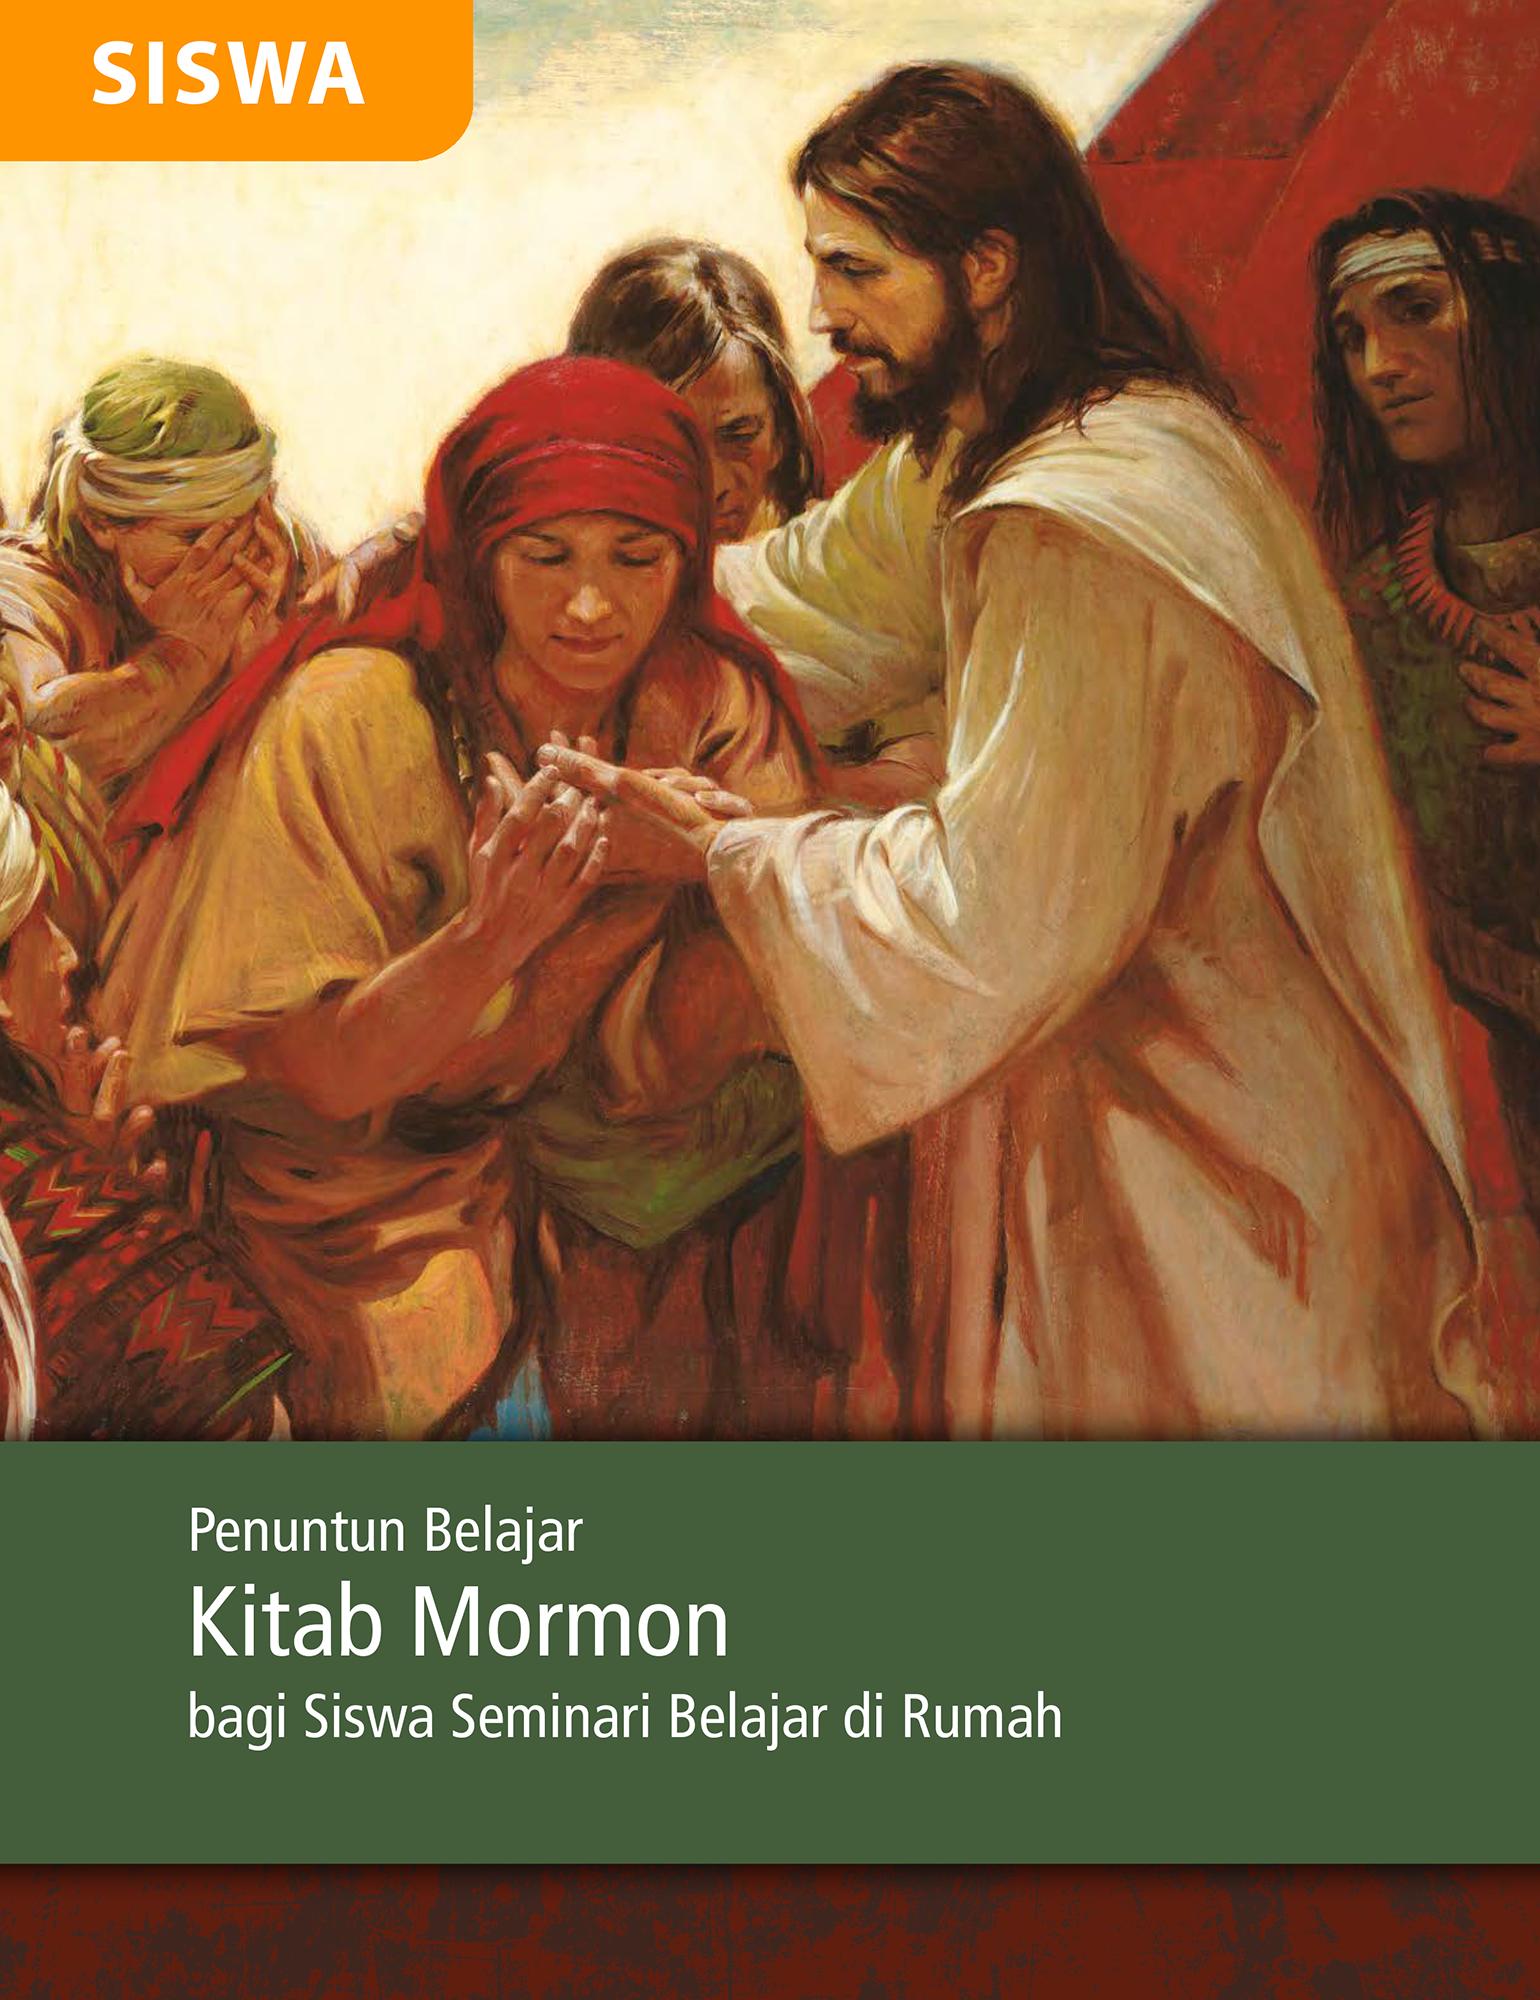 Penuntun Belajar Kitab Mormon bagi Siswa Seminari Belajar di Rumah